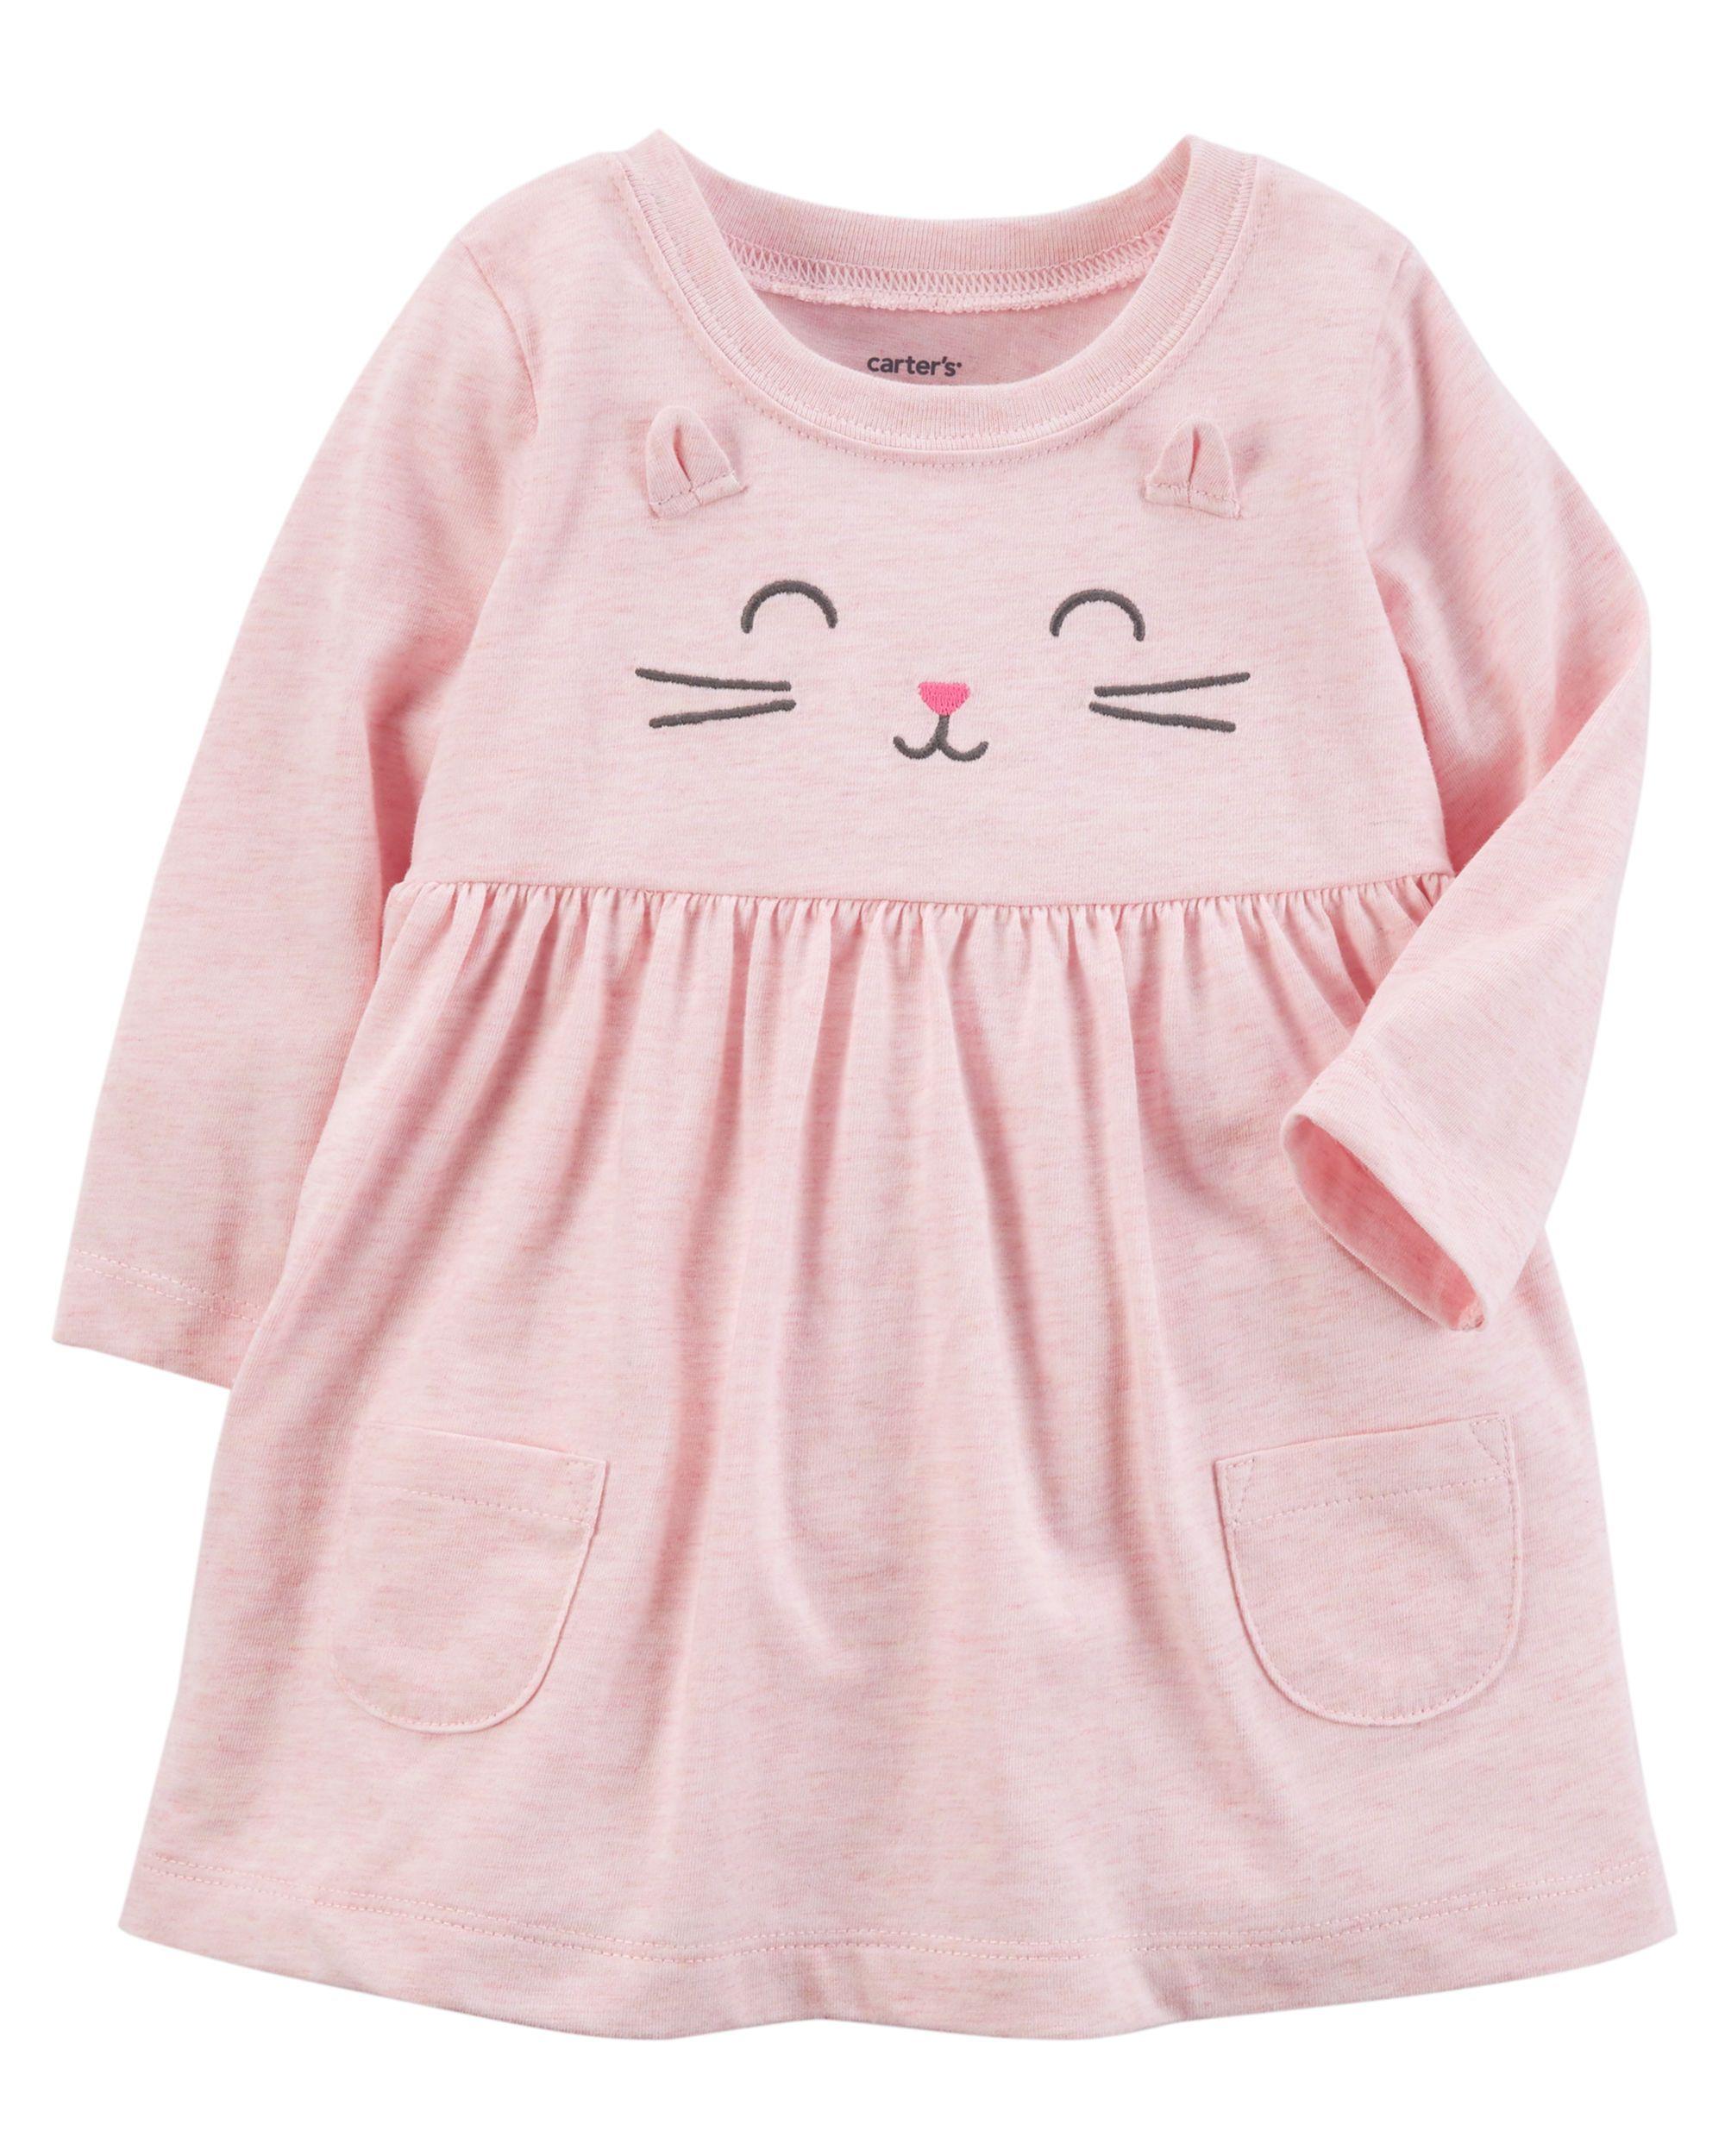 7e38535af Heathered Kitty Dress